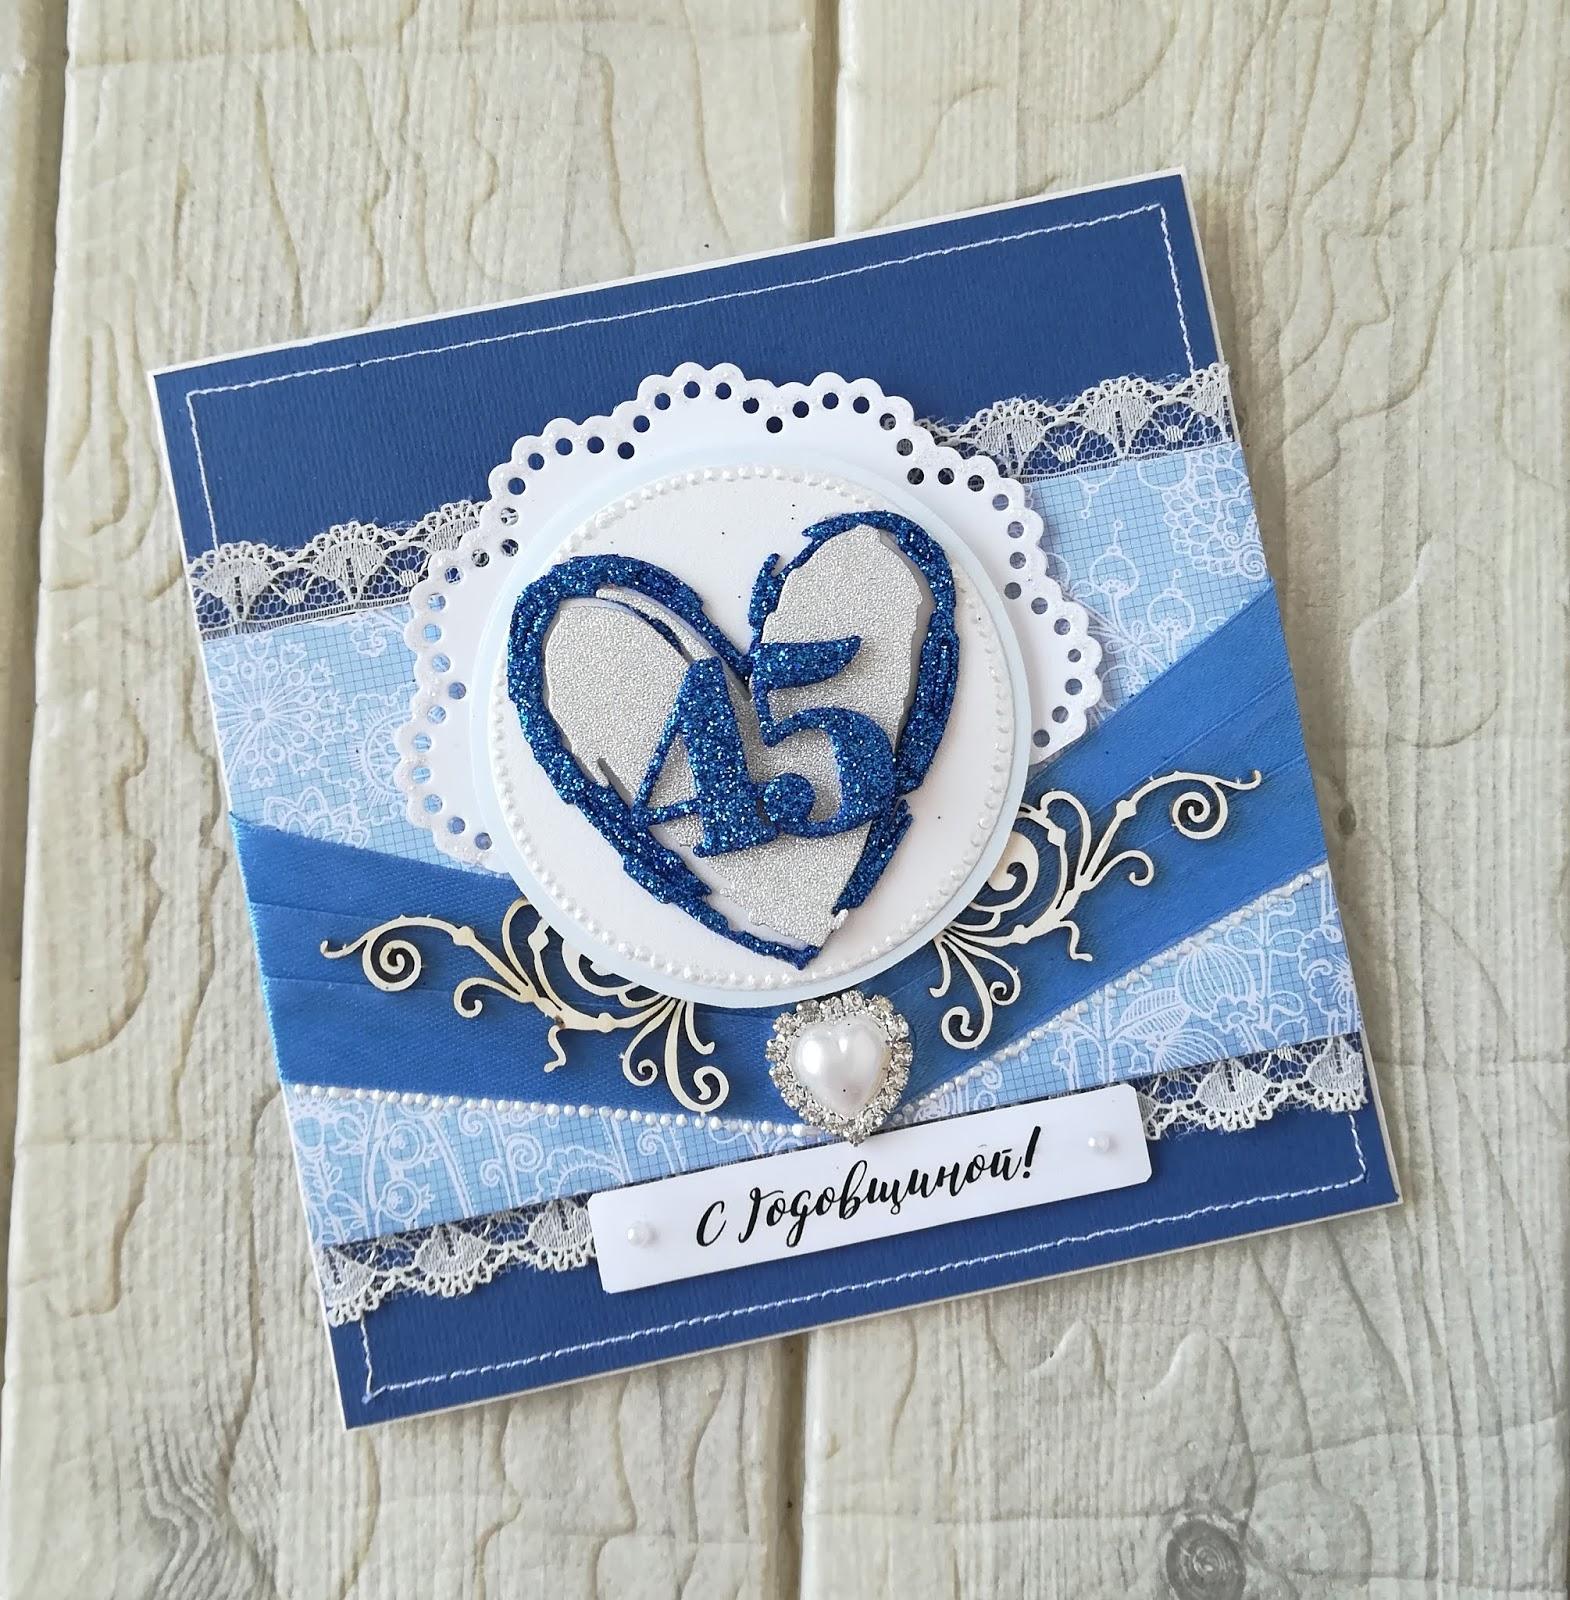 Открытка на сапфировую свадьбу своими руками, открытки детские